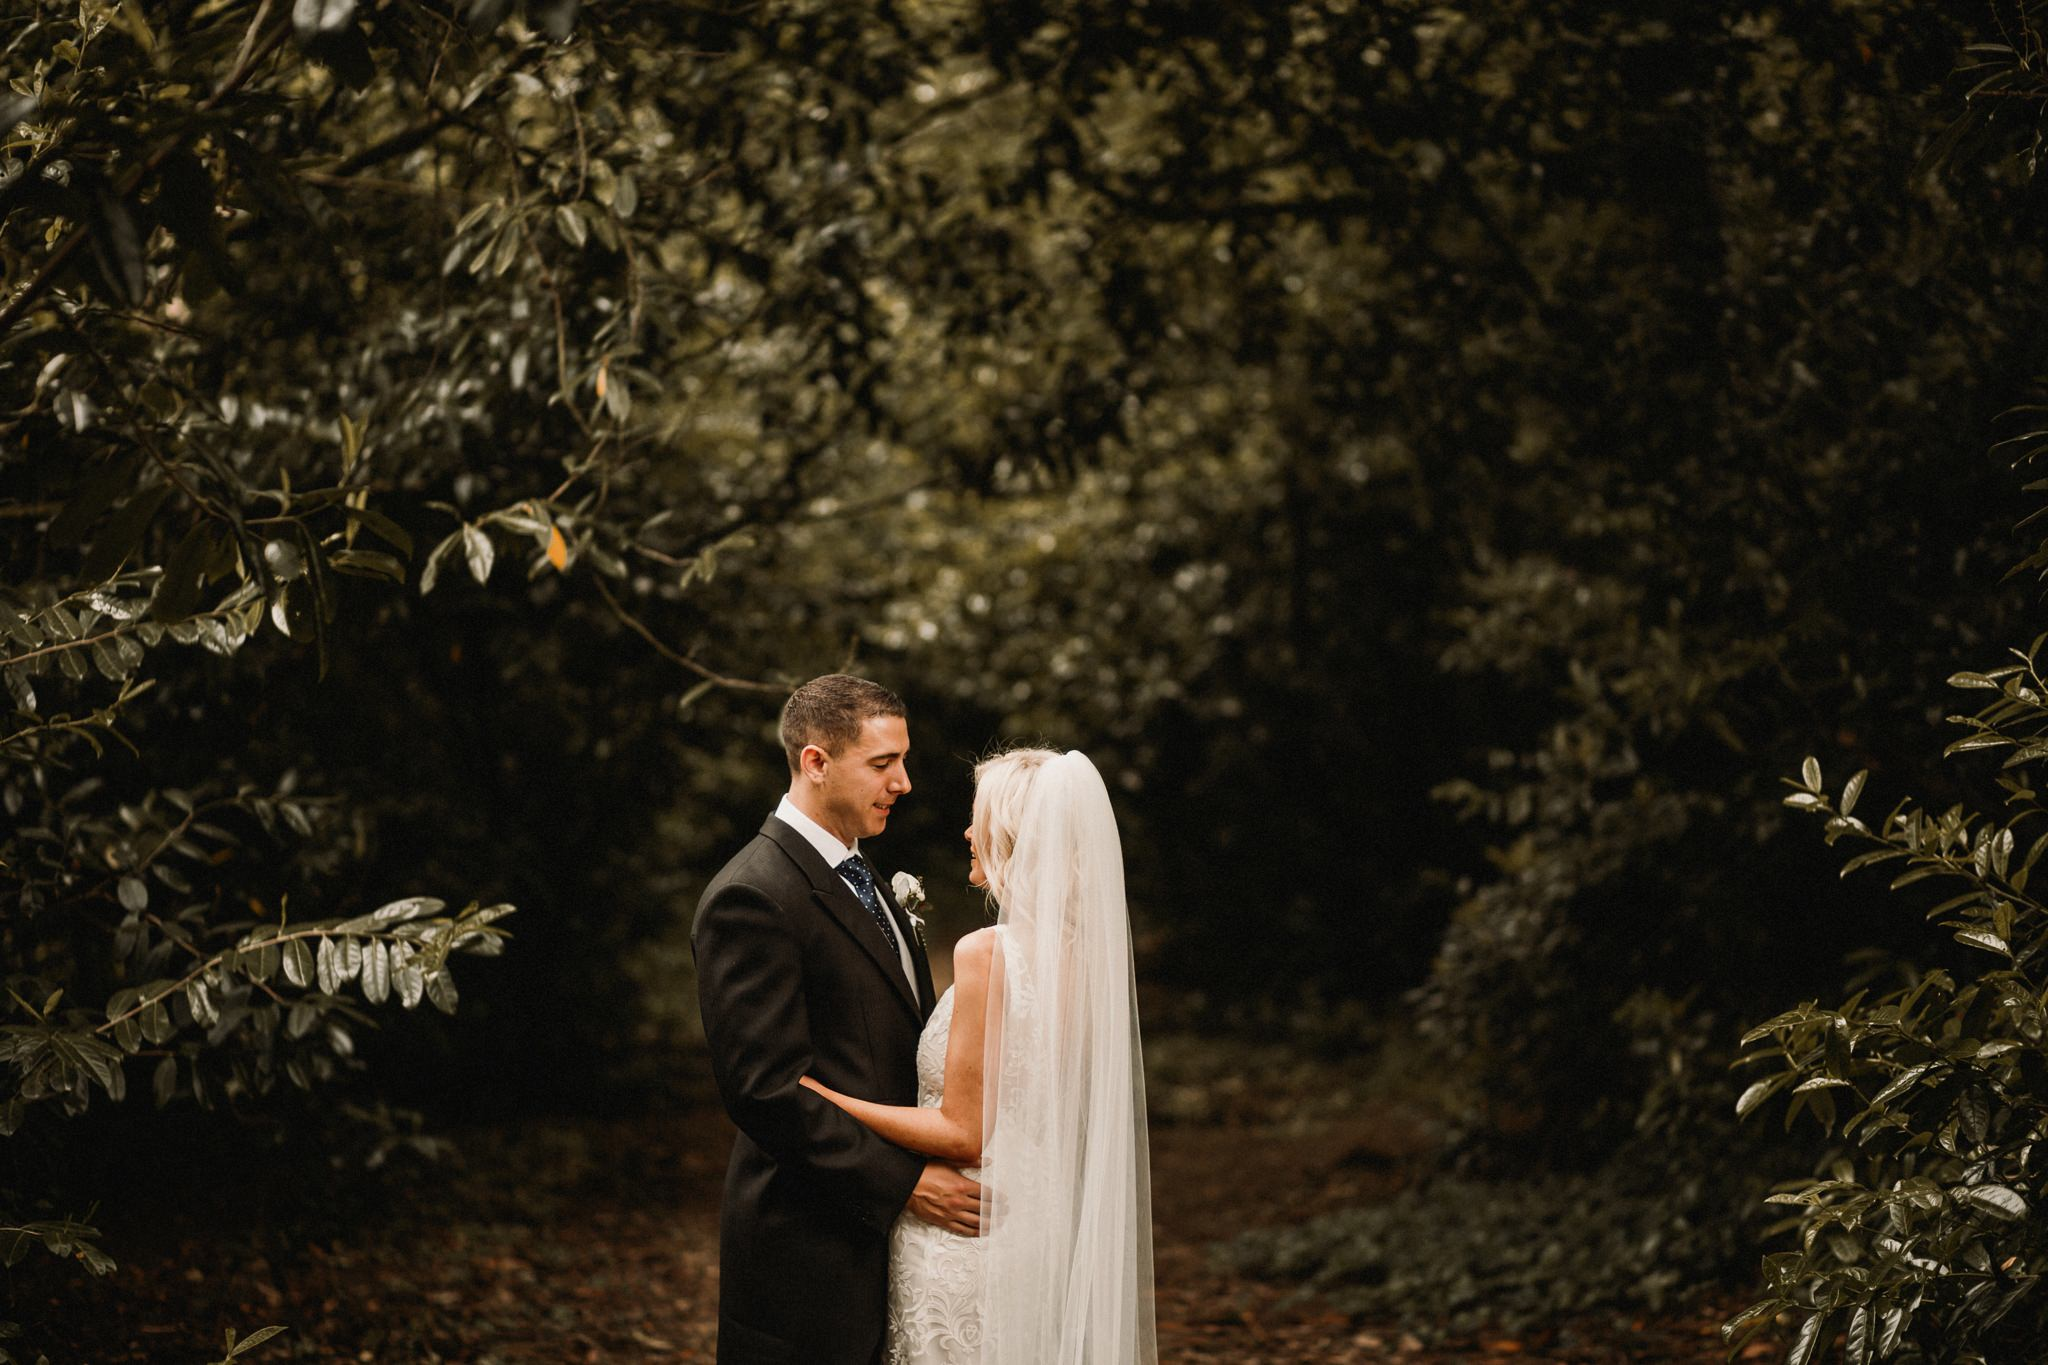 Tre-Ysgawen Wedding Photography-7513-Love Luella.jpg